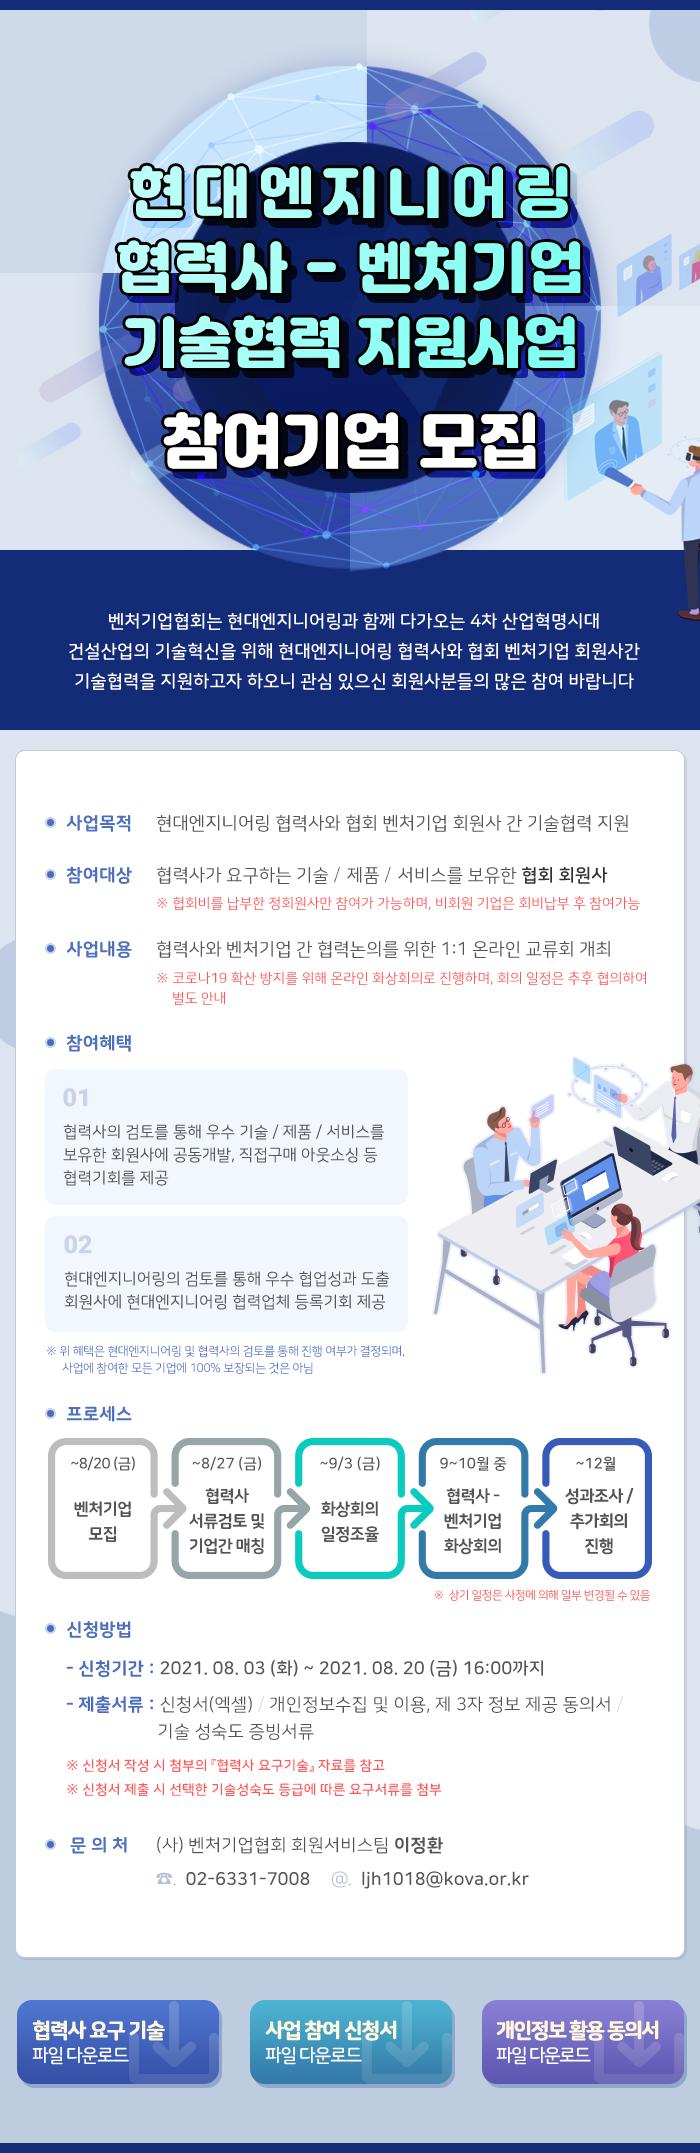 벤처기업協, 현대엔지니어링 협력사와 기술협력 희망 기업 모집